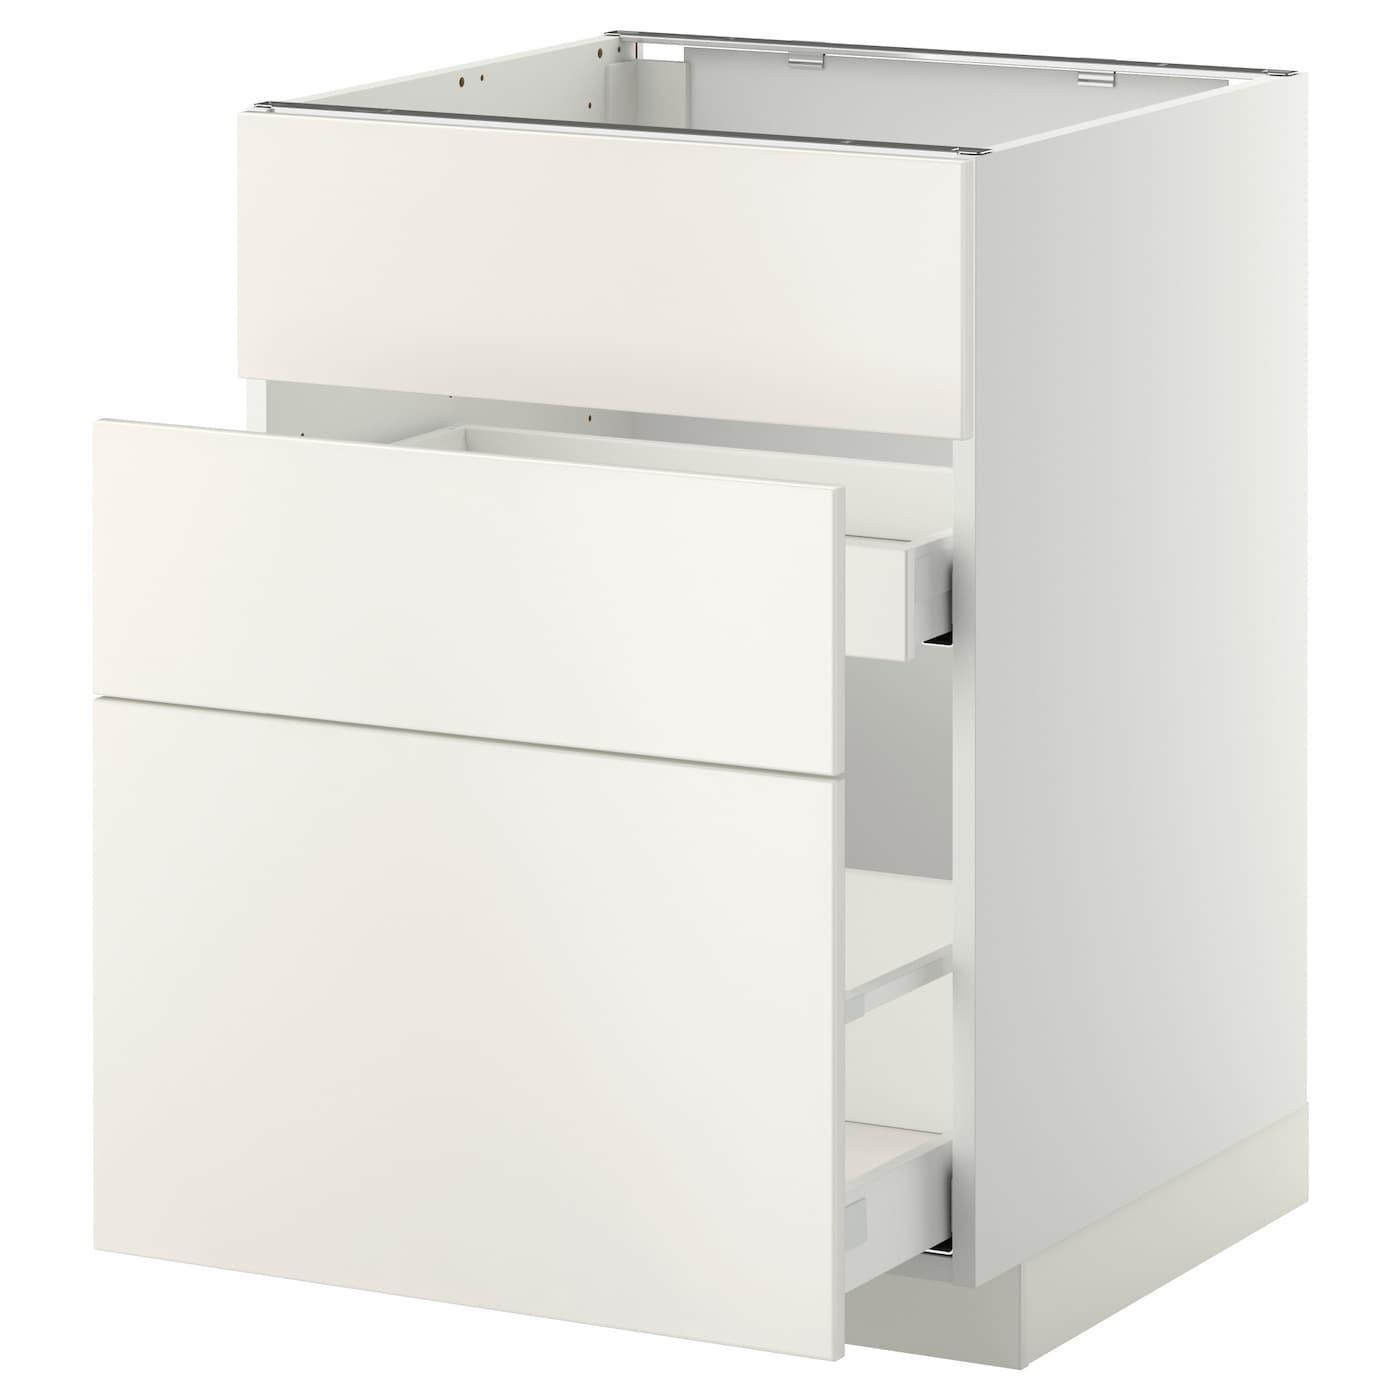 IKEA МЕТОД / МАКСИМЕРА Напольный шкаф д/встр духовки/мойки с 3 фасадами/ 2 ящиками, белый, Веддинге белый, 60x60 см 099.198.21